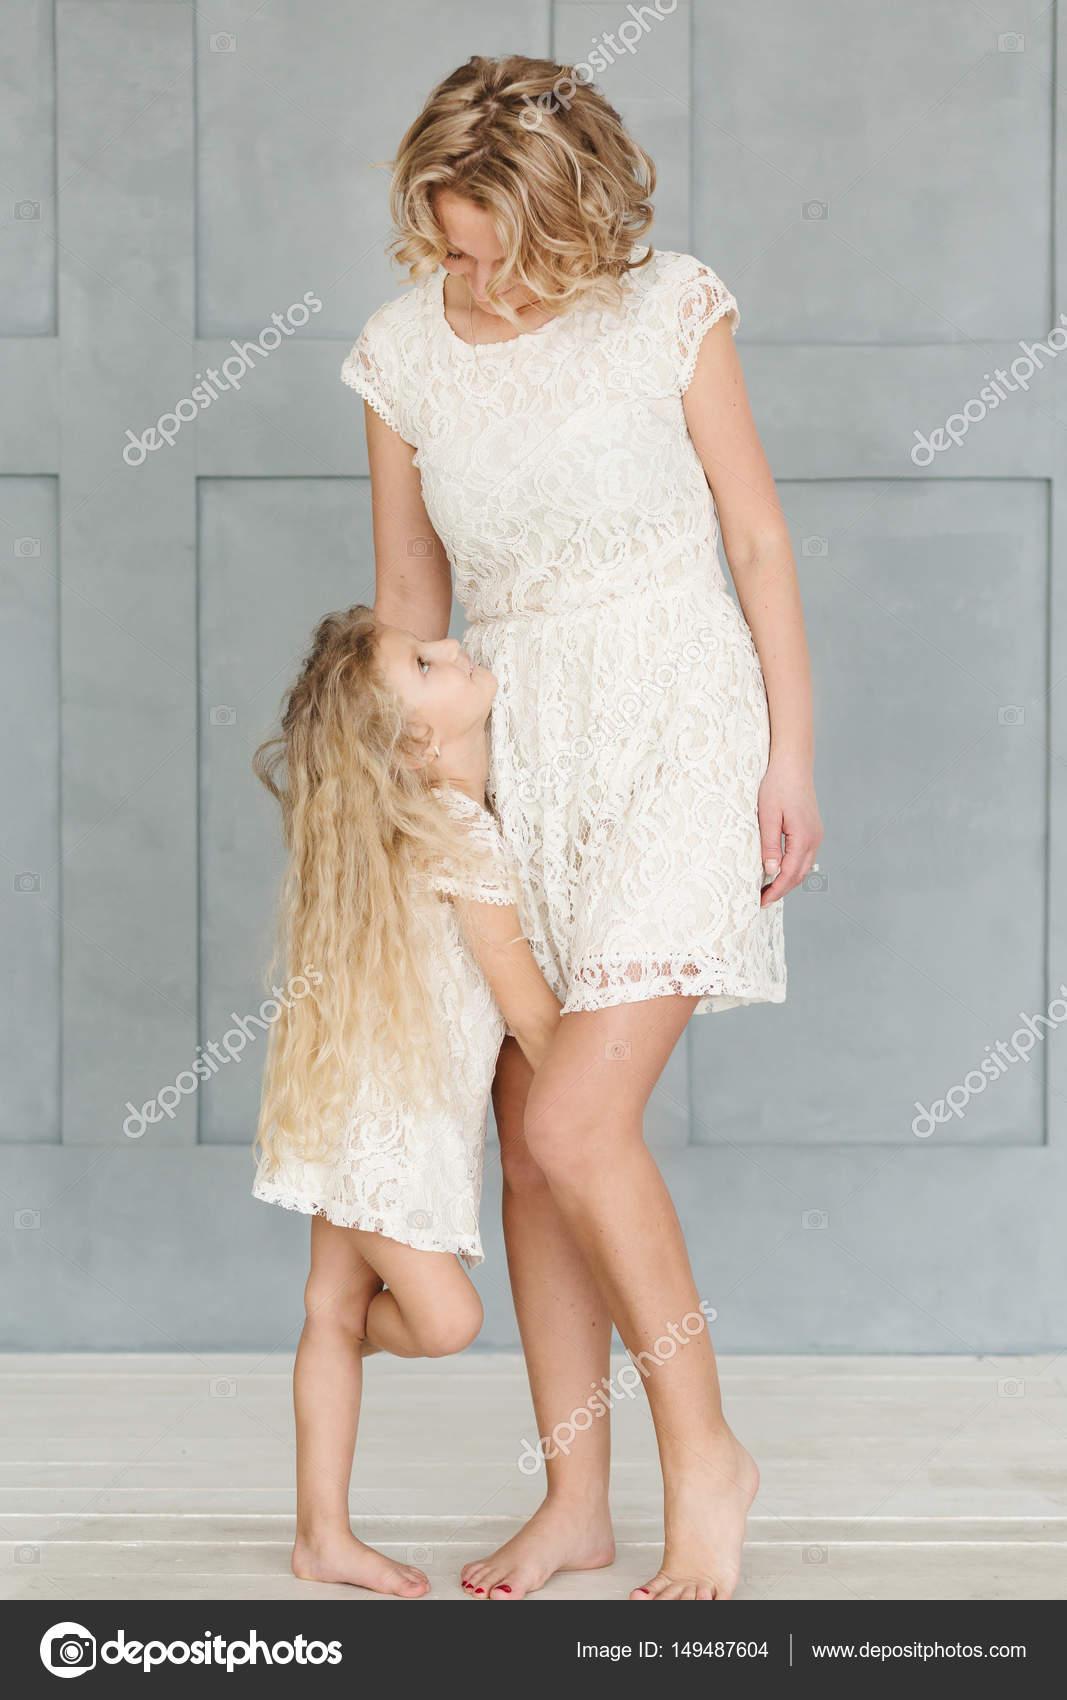 a1f103024fd Mutter Und Tochter Mit Blonden Lockigen Haaren Weißer Spitze Kleider ...